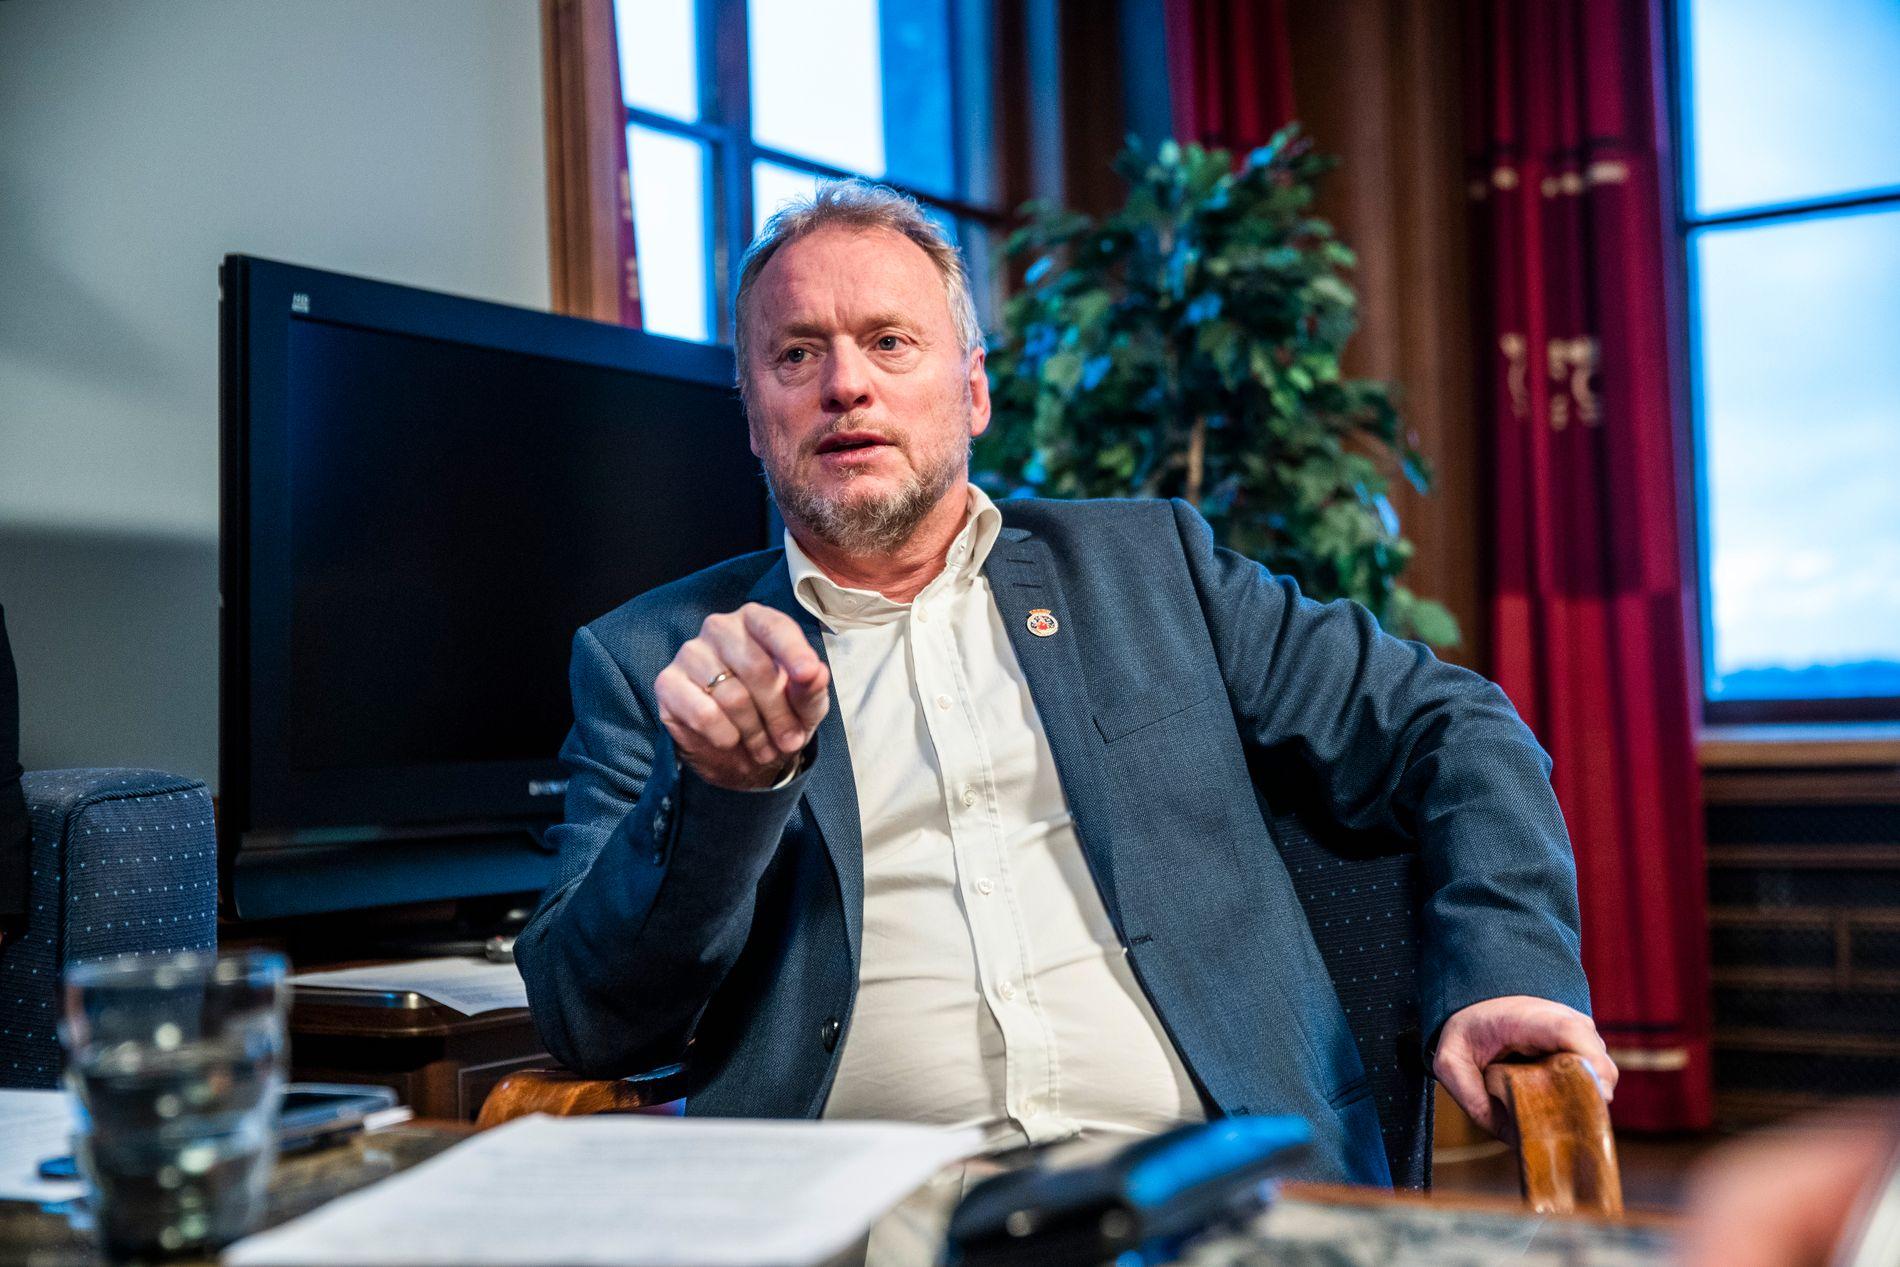 UT MOT HØYRE: Både Frp og Høyre åpner for å samarbeide med Folkeaksjonen nei til mer bompenger i Oslo. Det liker ikke byrådsleder Raymond Johansen (Ap).